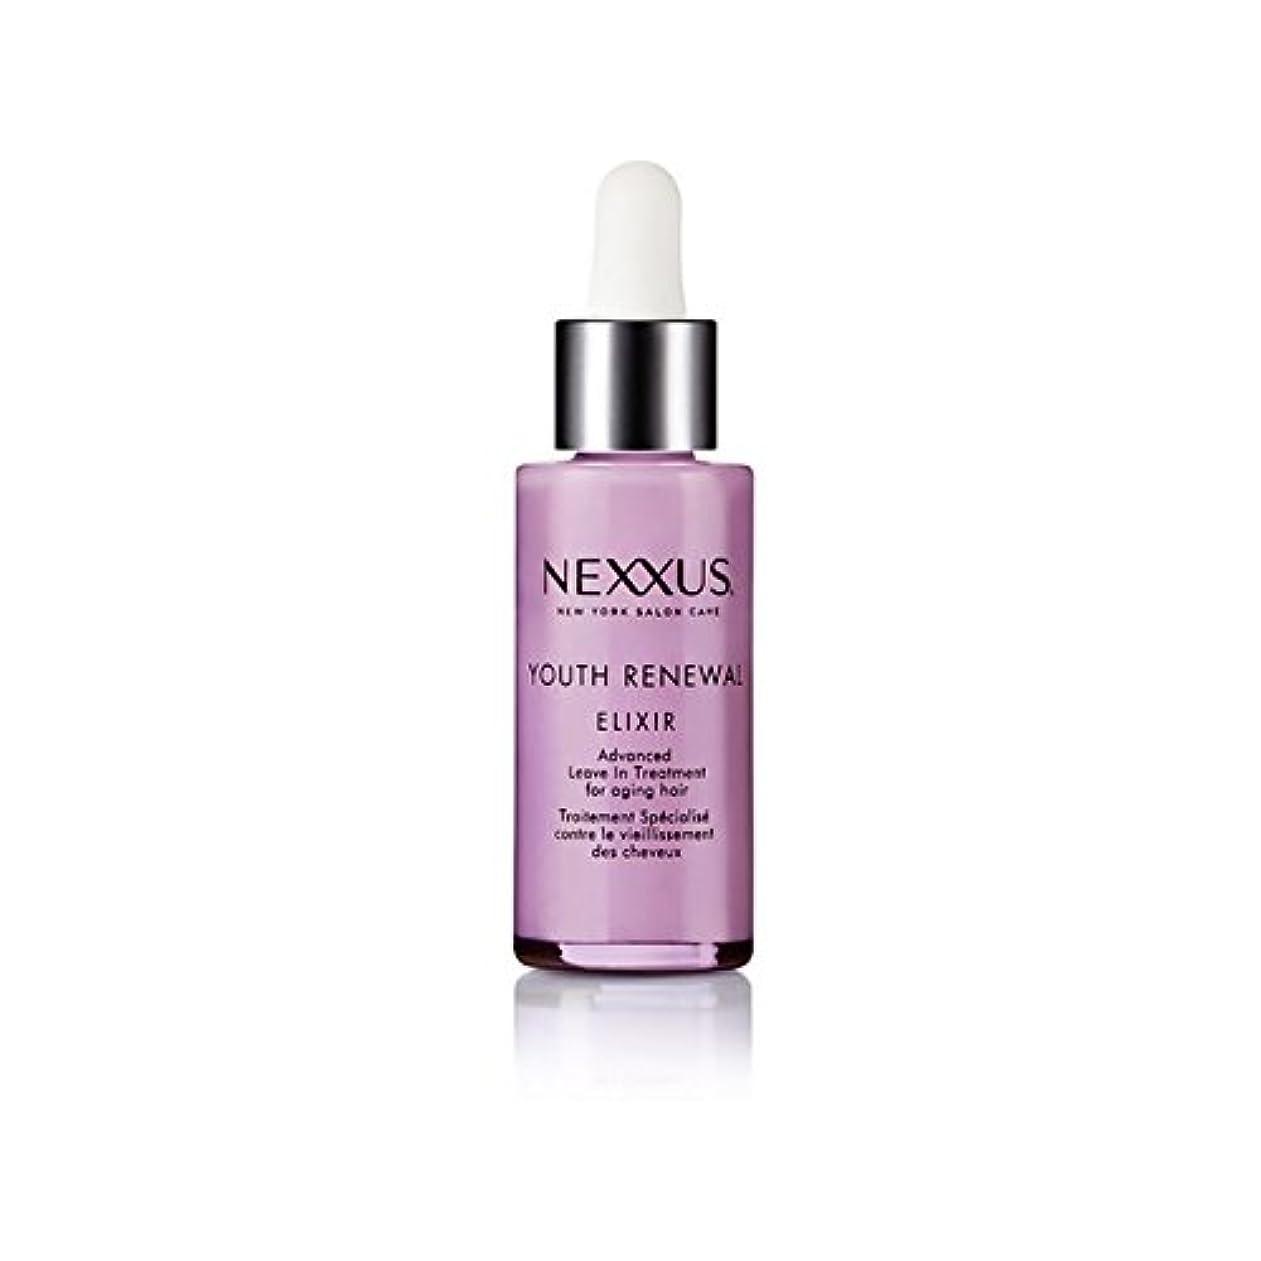 路面電車大学生未就学若者の更新エリキシル(28ミリリットル) x4 - Nexxus Youth Renewal Elixir (28ml) (Pack of 4) [並行輸入品]